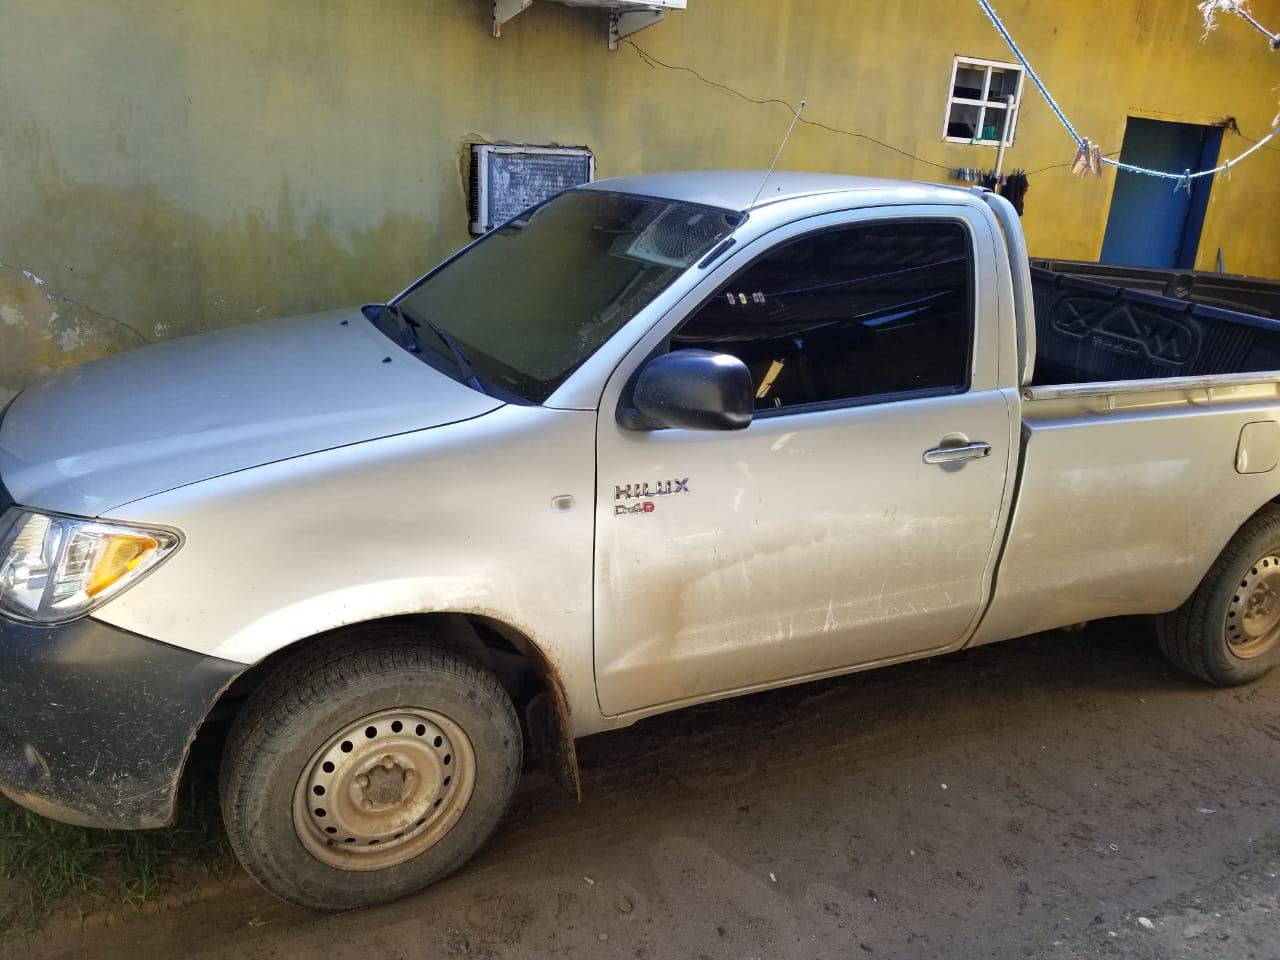 Mediante investigación policial interceptan vehículo con supuesta droga en Colón